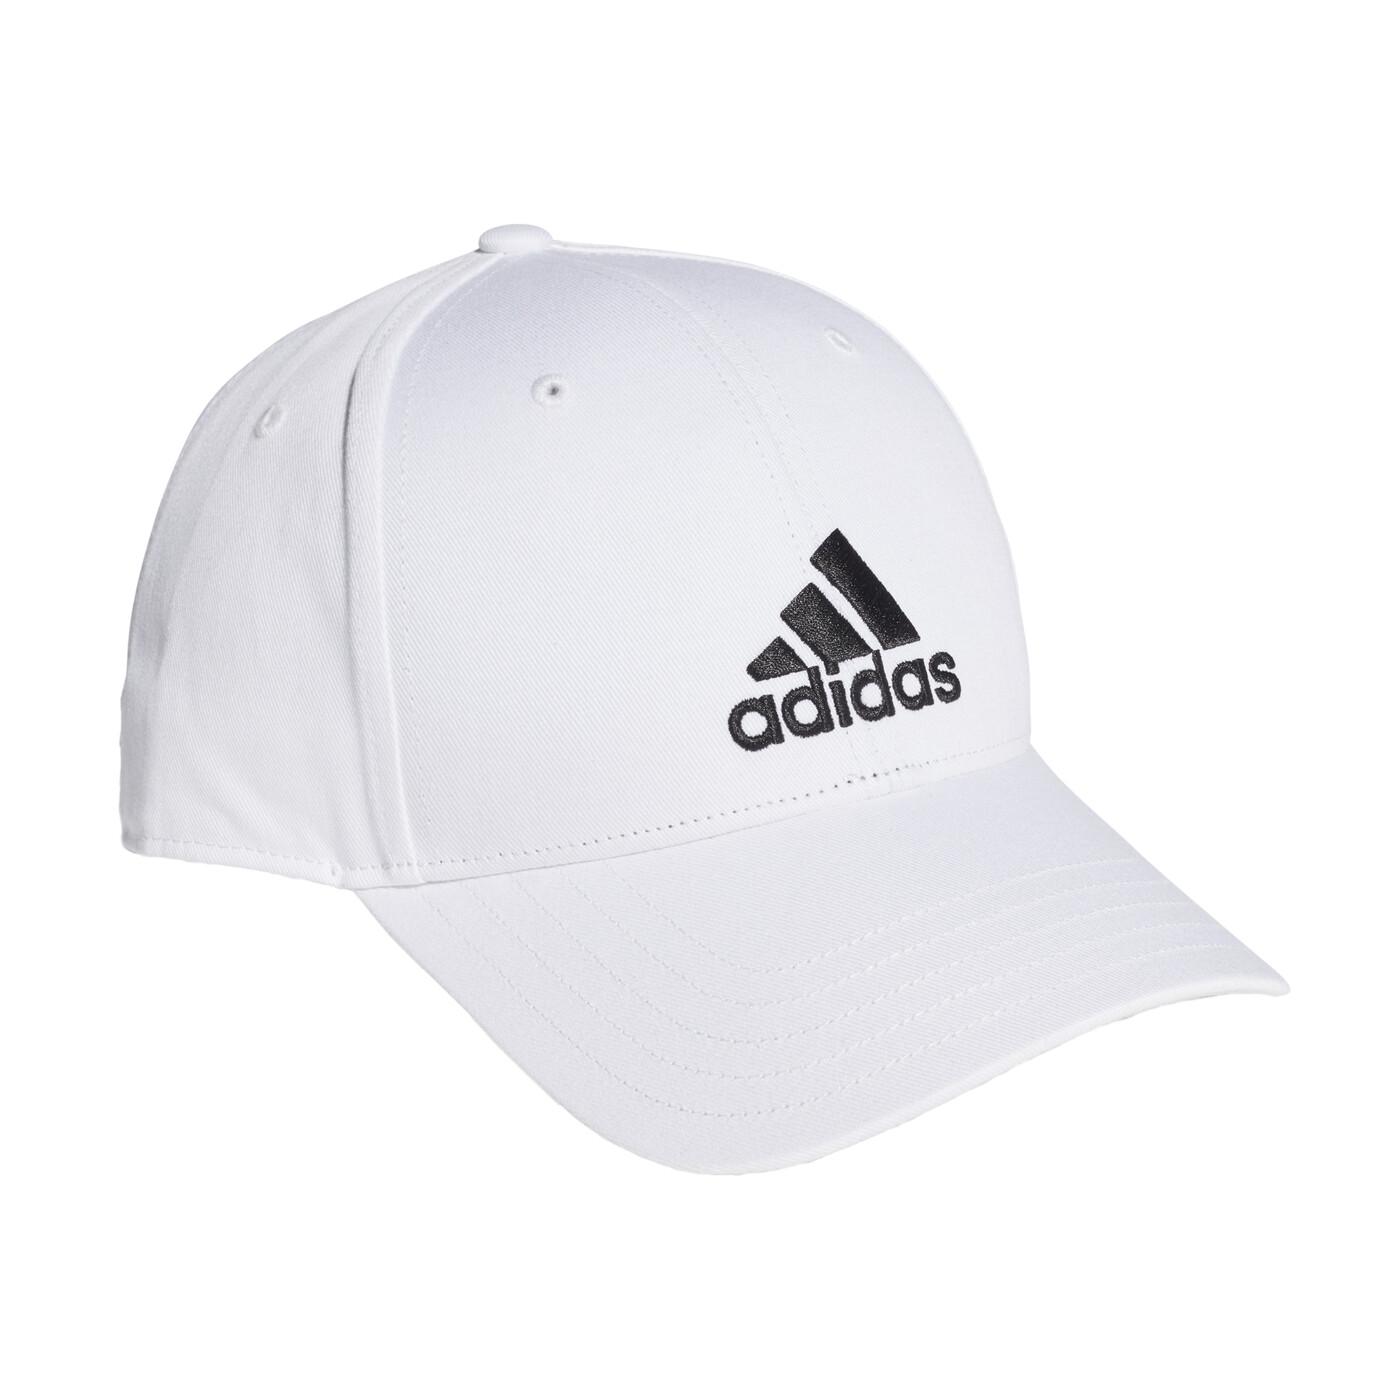 ADIDAS BBALL CAP COT - Herren